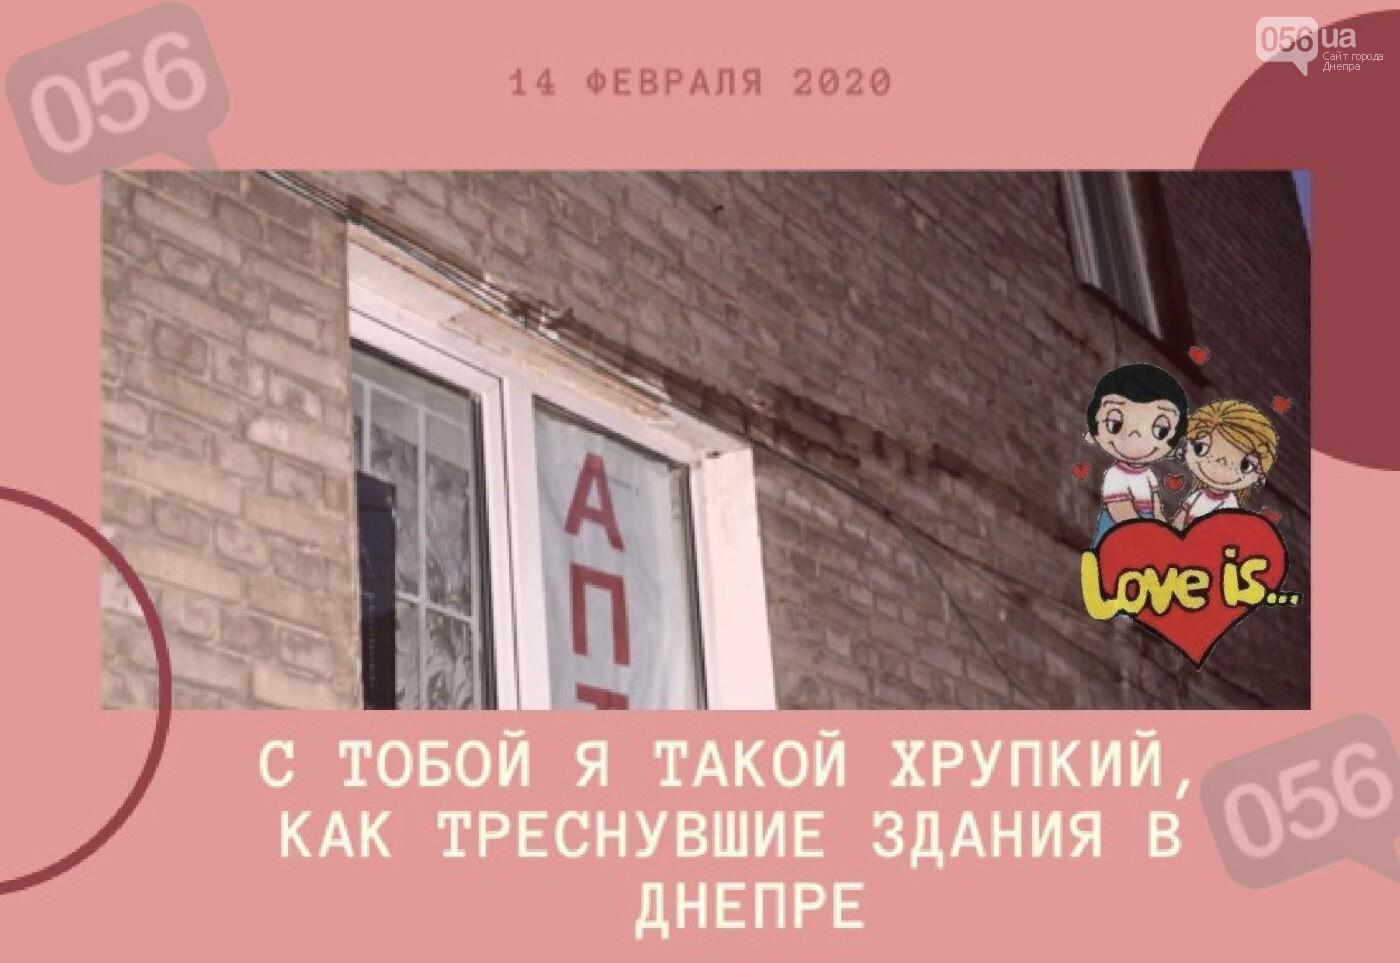 День всех влюблённых в Днепре: валентинки от 056 , фото-2